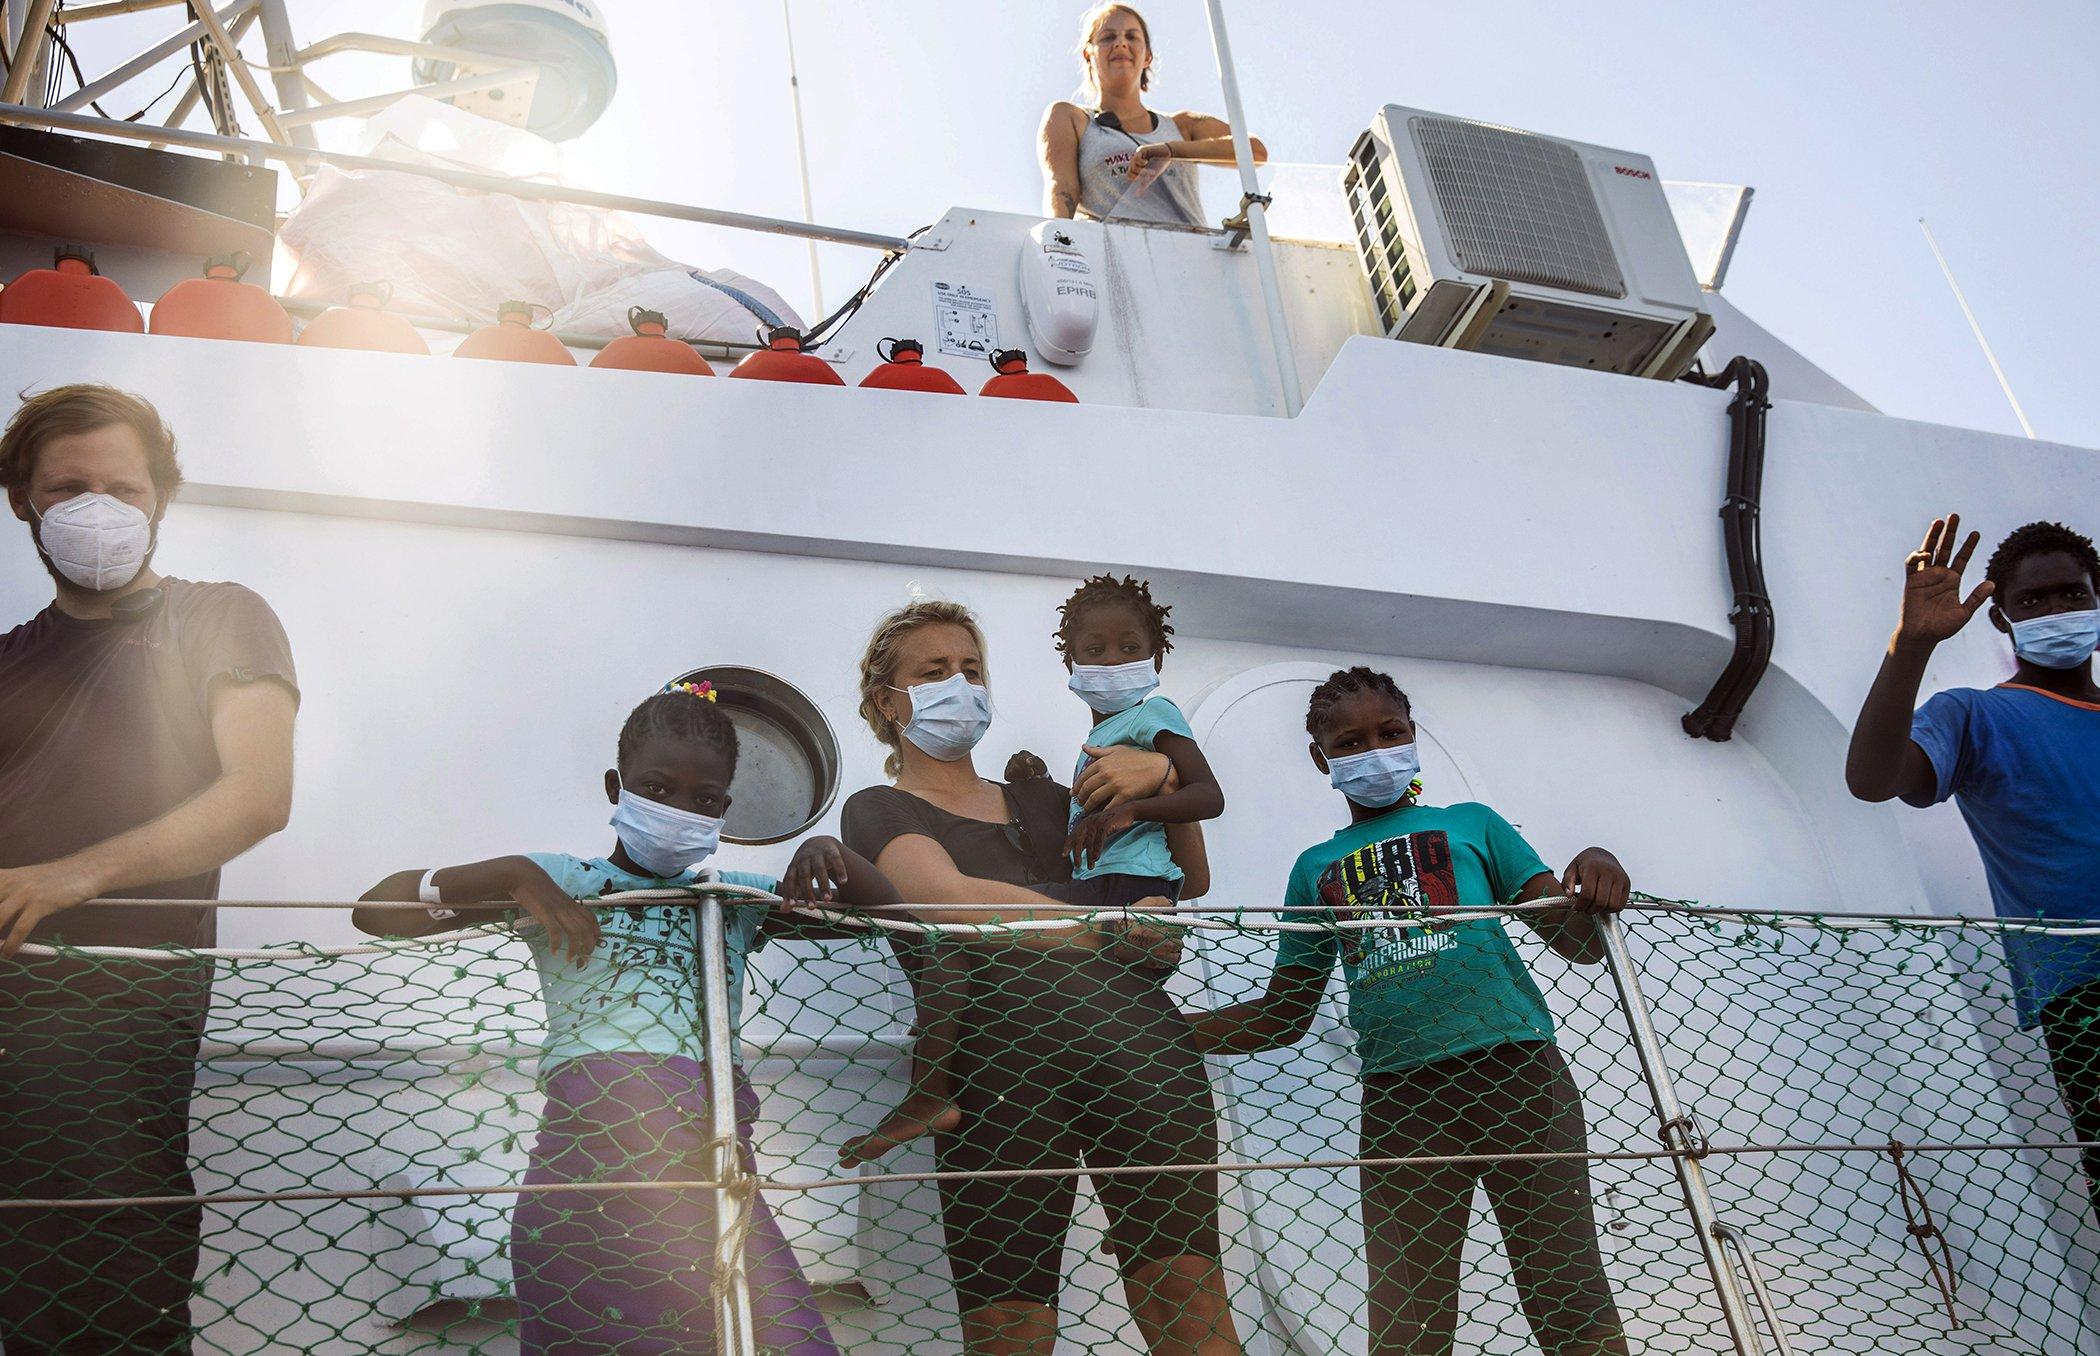 Banksy-Migrant-Rescue-Ship-Mediterranean-001.jpg